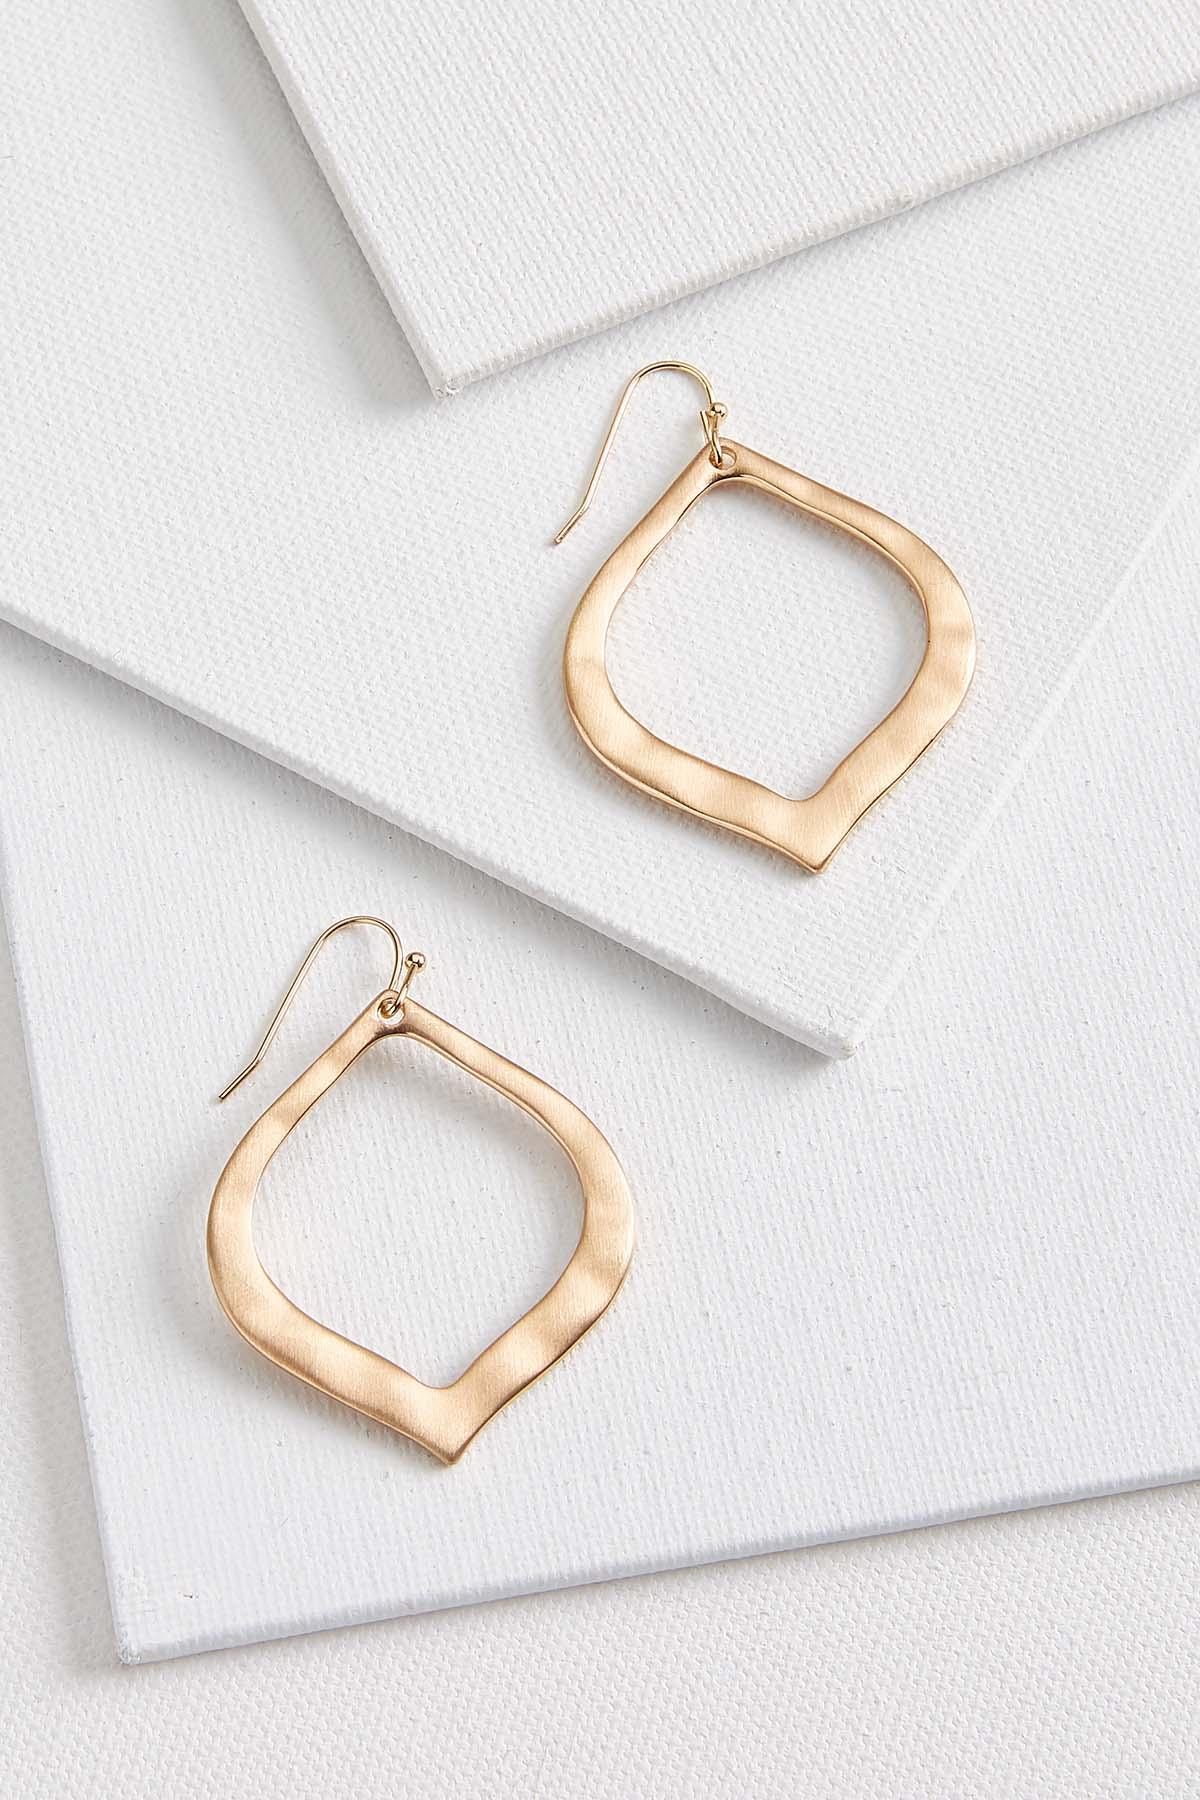 Hammered Medallion Earrings